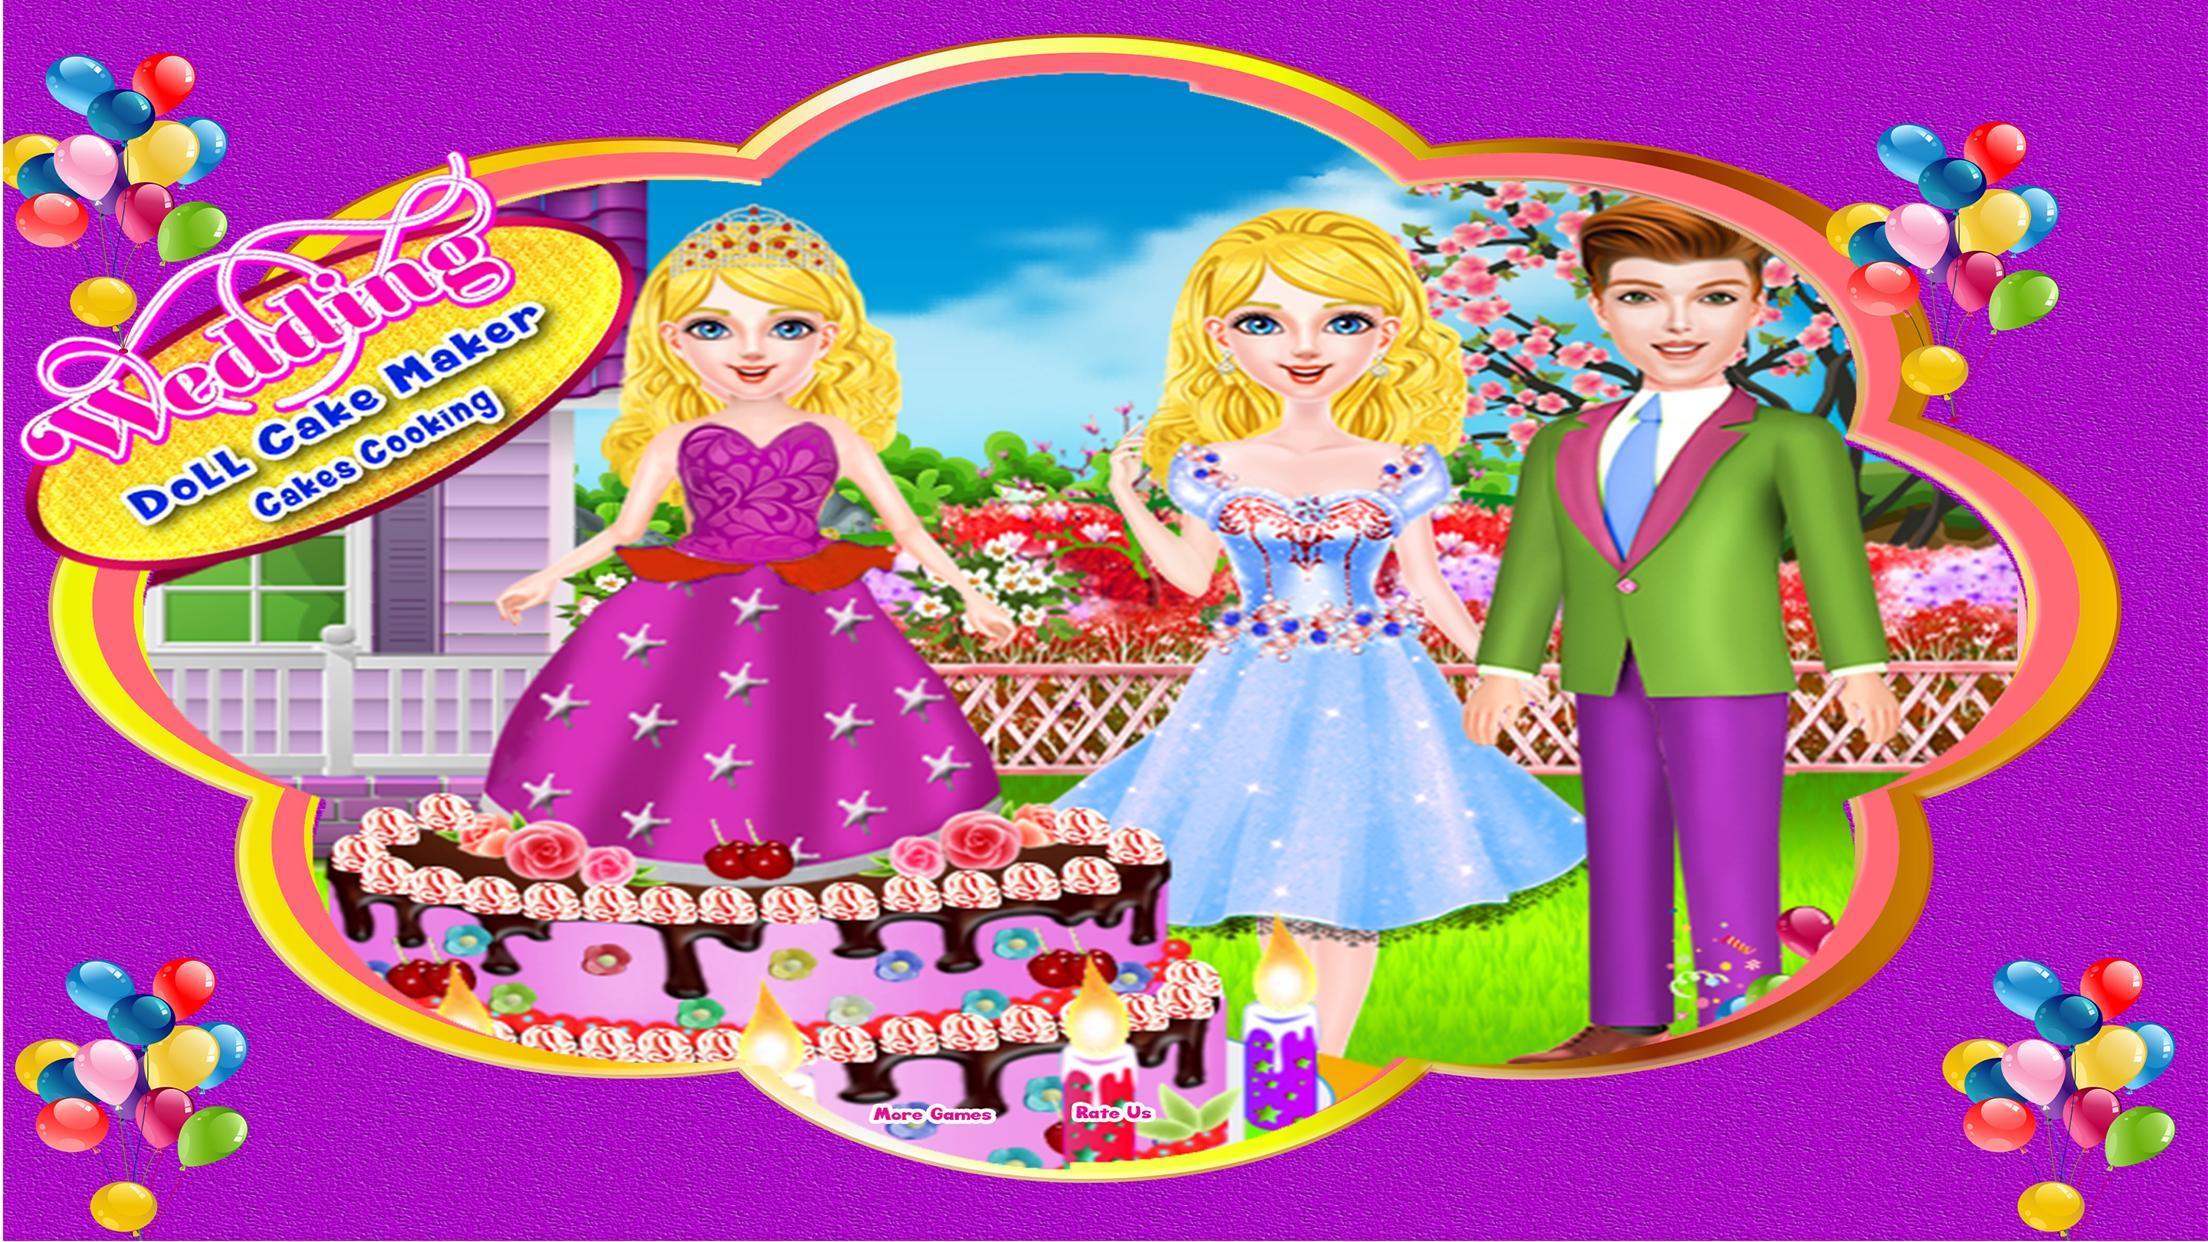 Pernikahan Boneka Kue Pembuat Kue Memasak For Android Apk Download